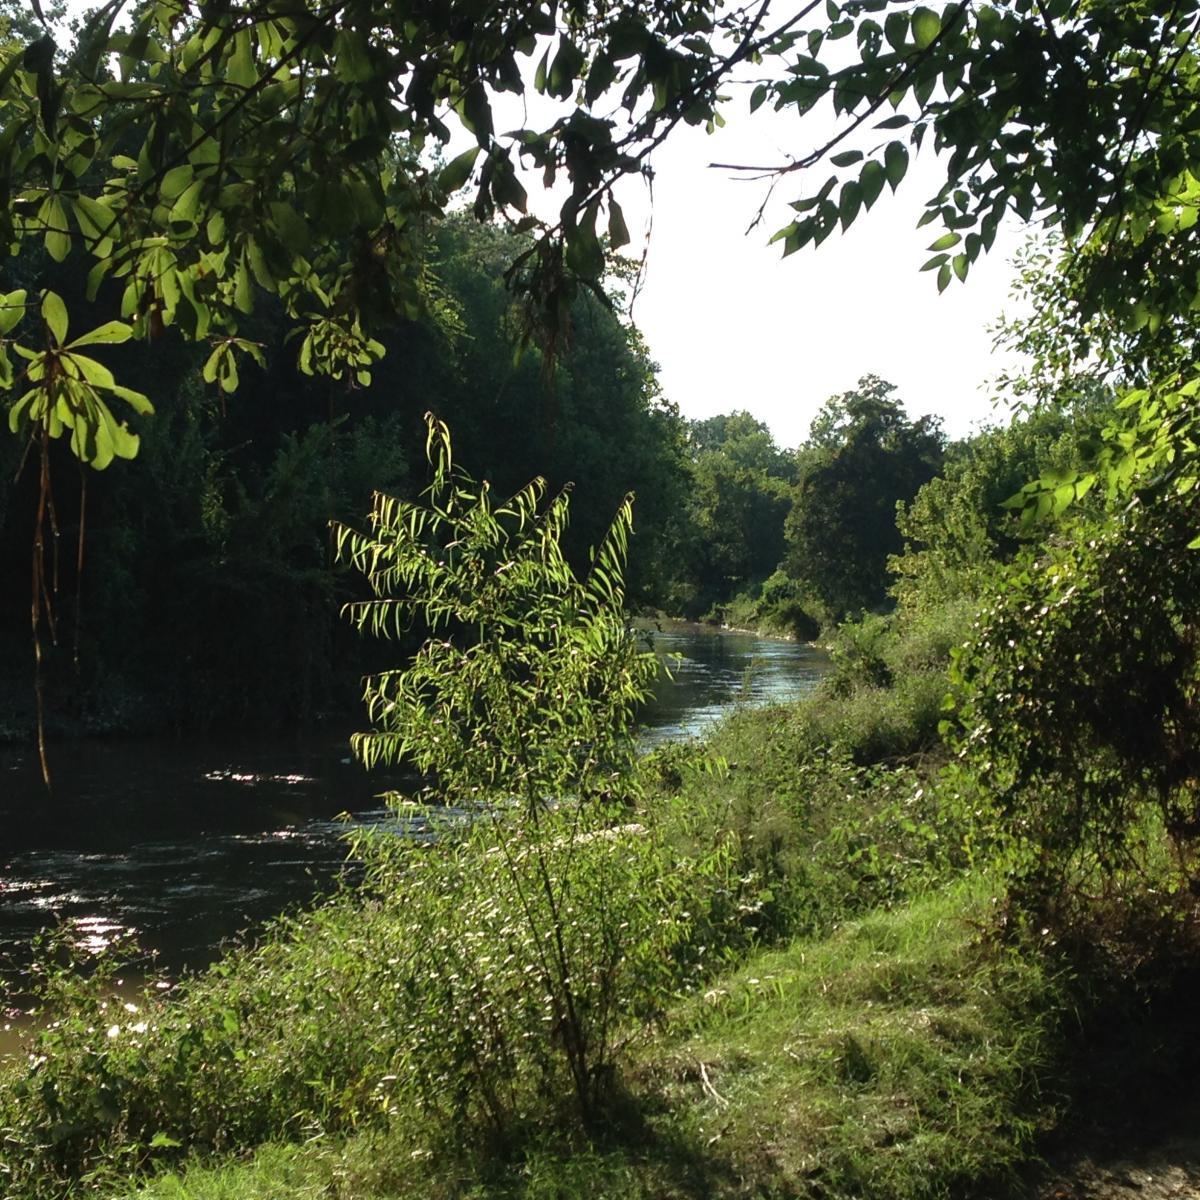 Cypresswood Trails